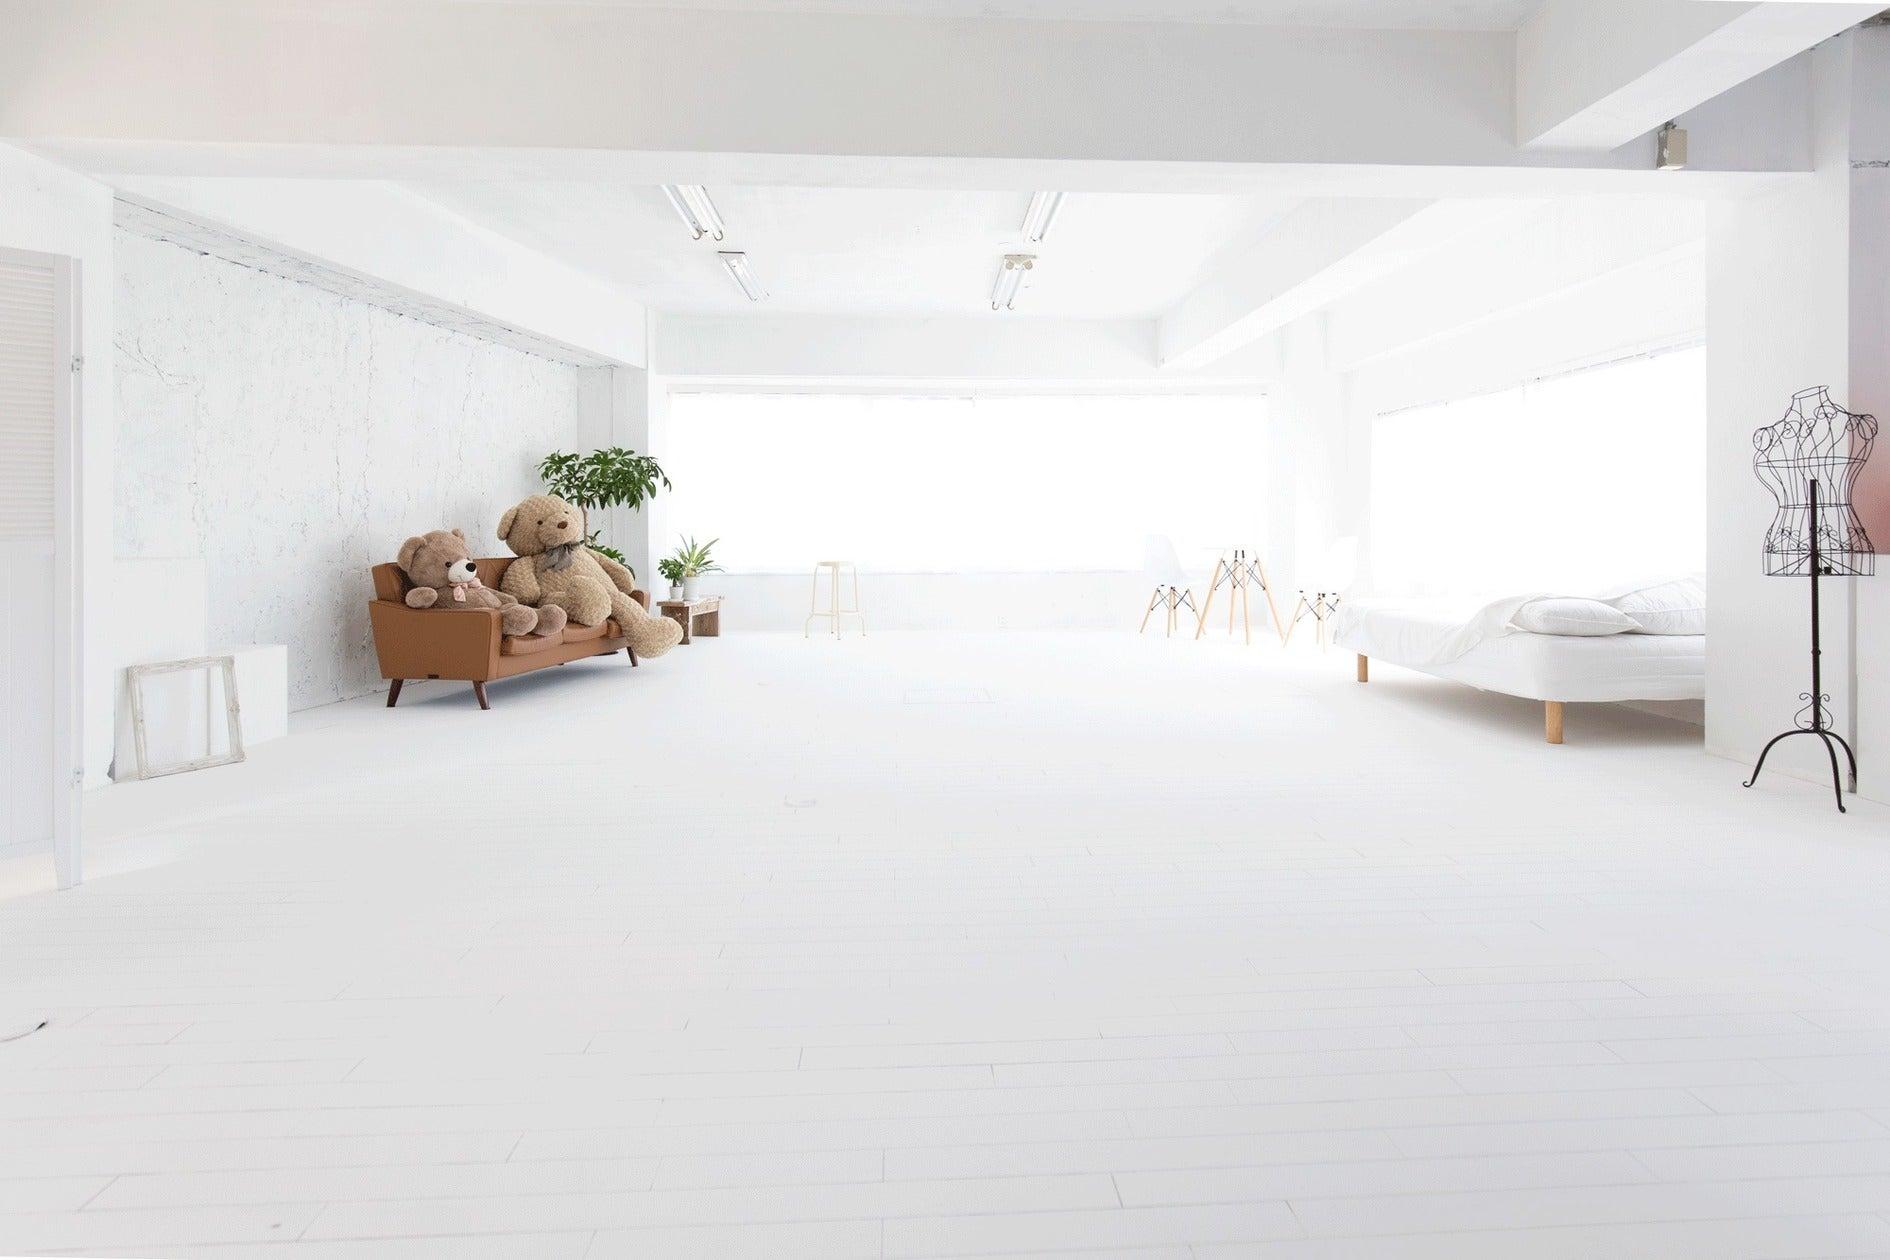 手塗りの白壁白床。柔らかな自然光で一日キレイに撮影できる早稲田のレンタルスタジオ